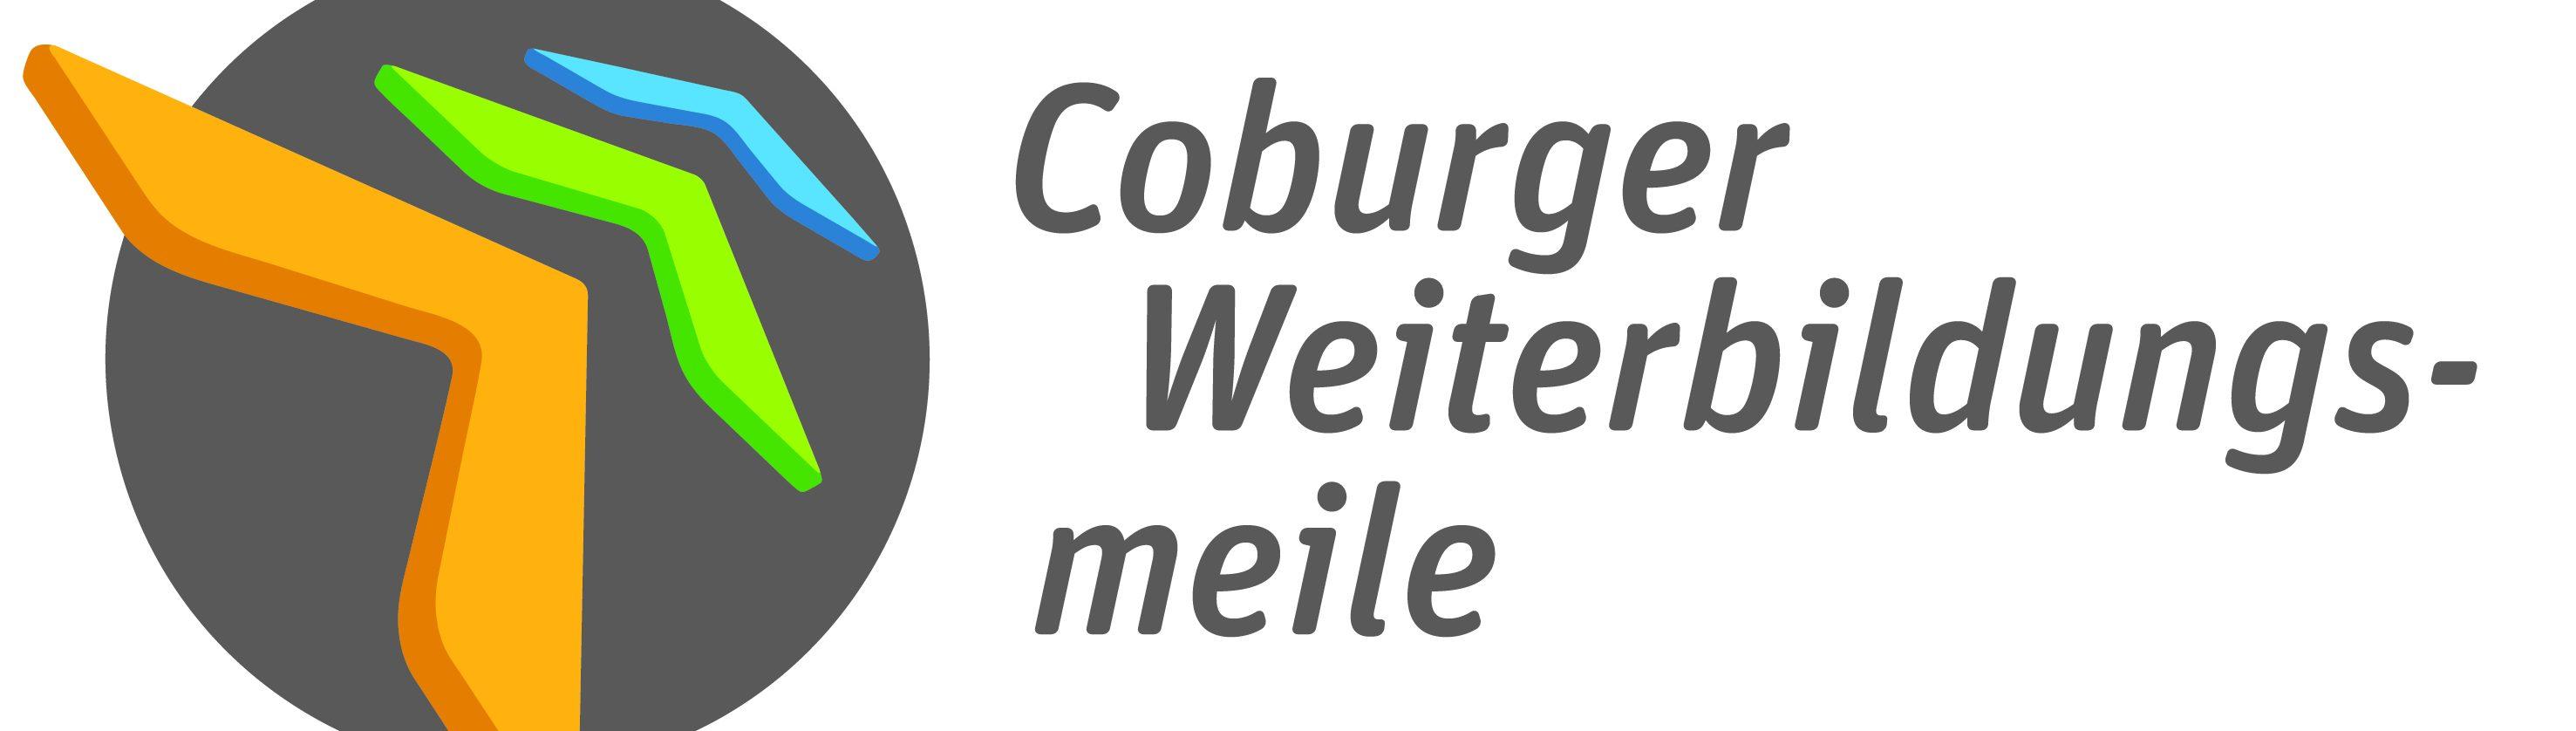 Coburger Weiterbildungsmeile 2019